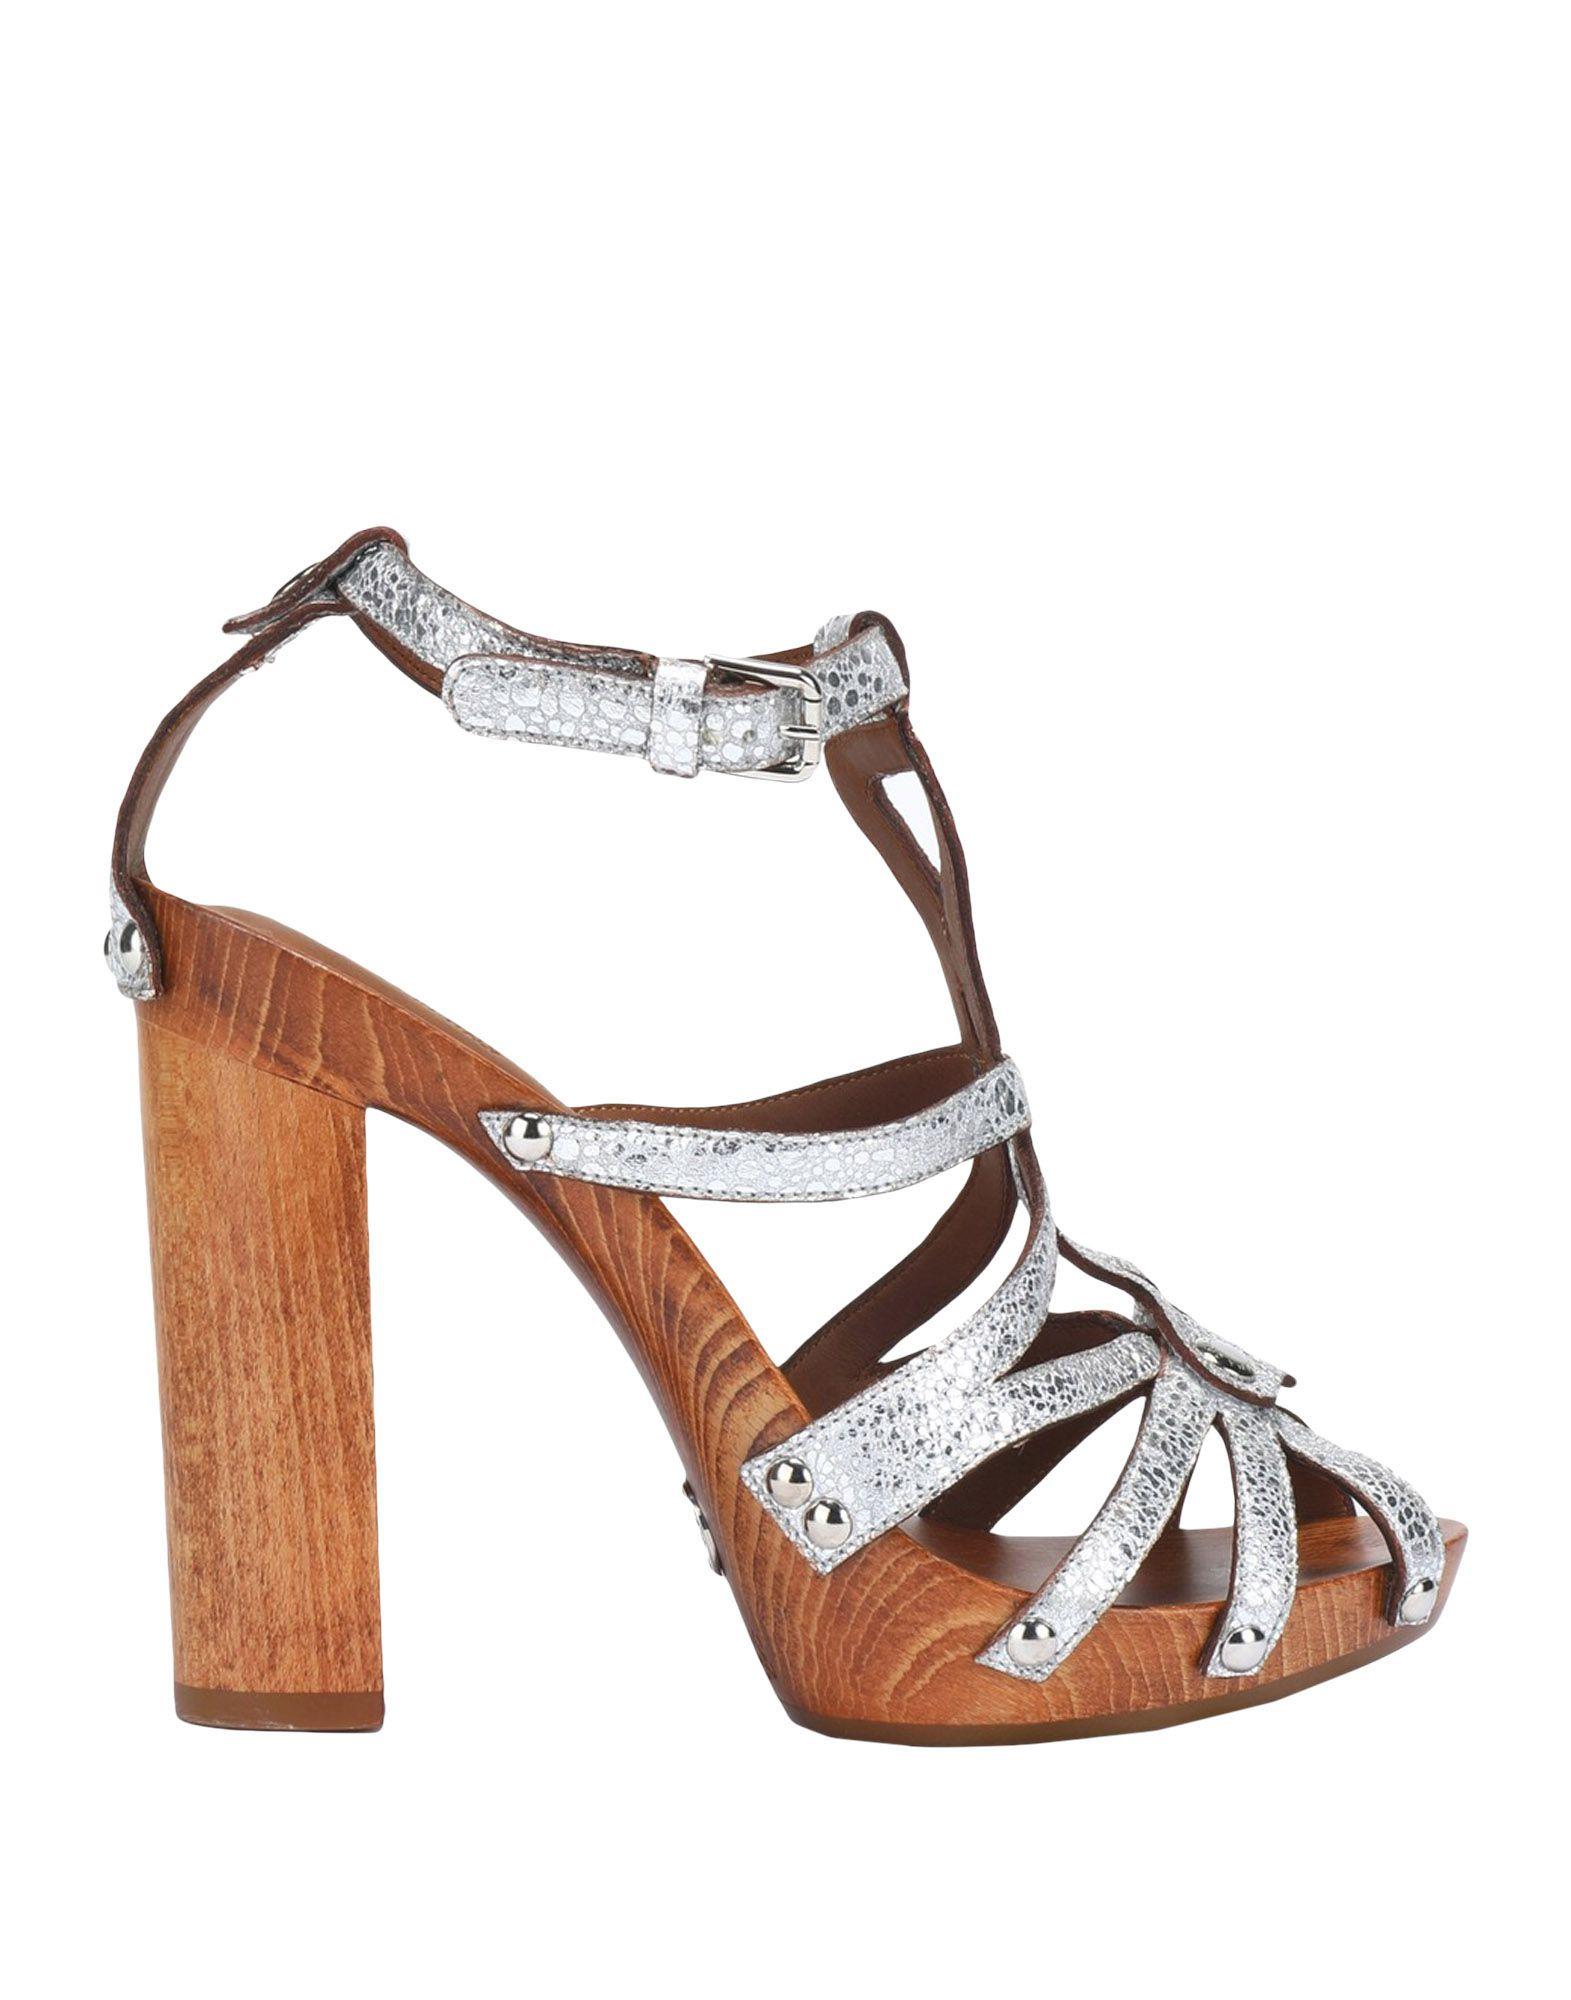 Rabatt Sandalen Schuhe Dolce & Gabbana Sandalen Rabatt Damen  11528780OP d687a0